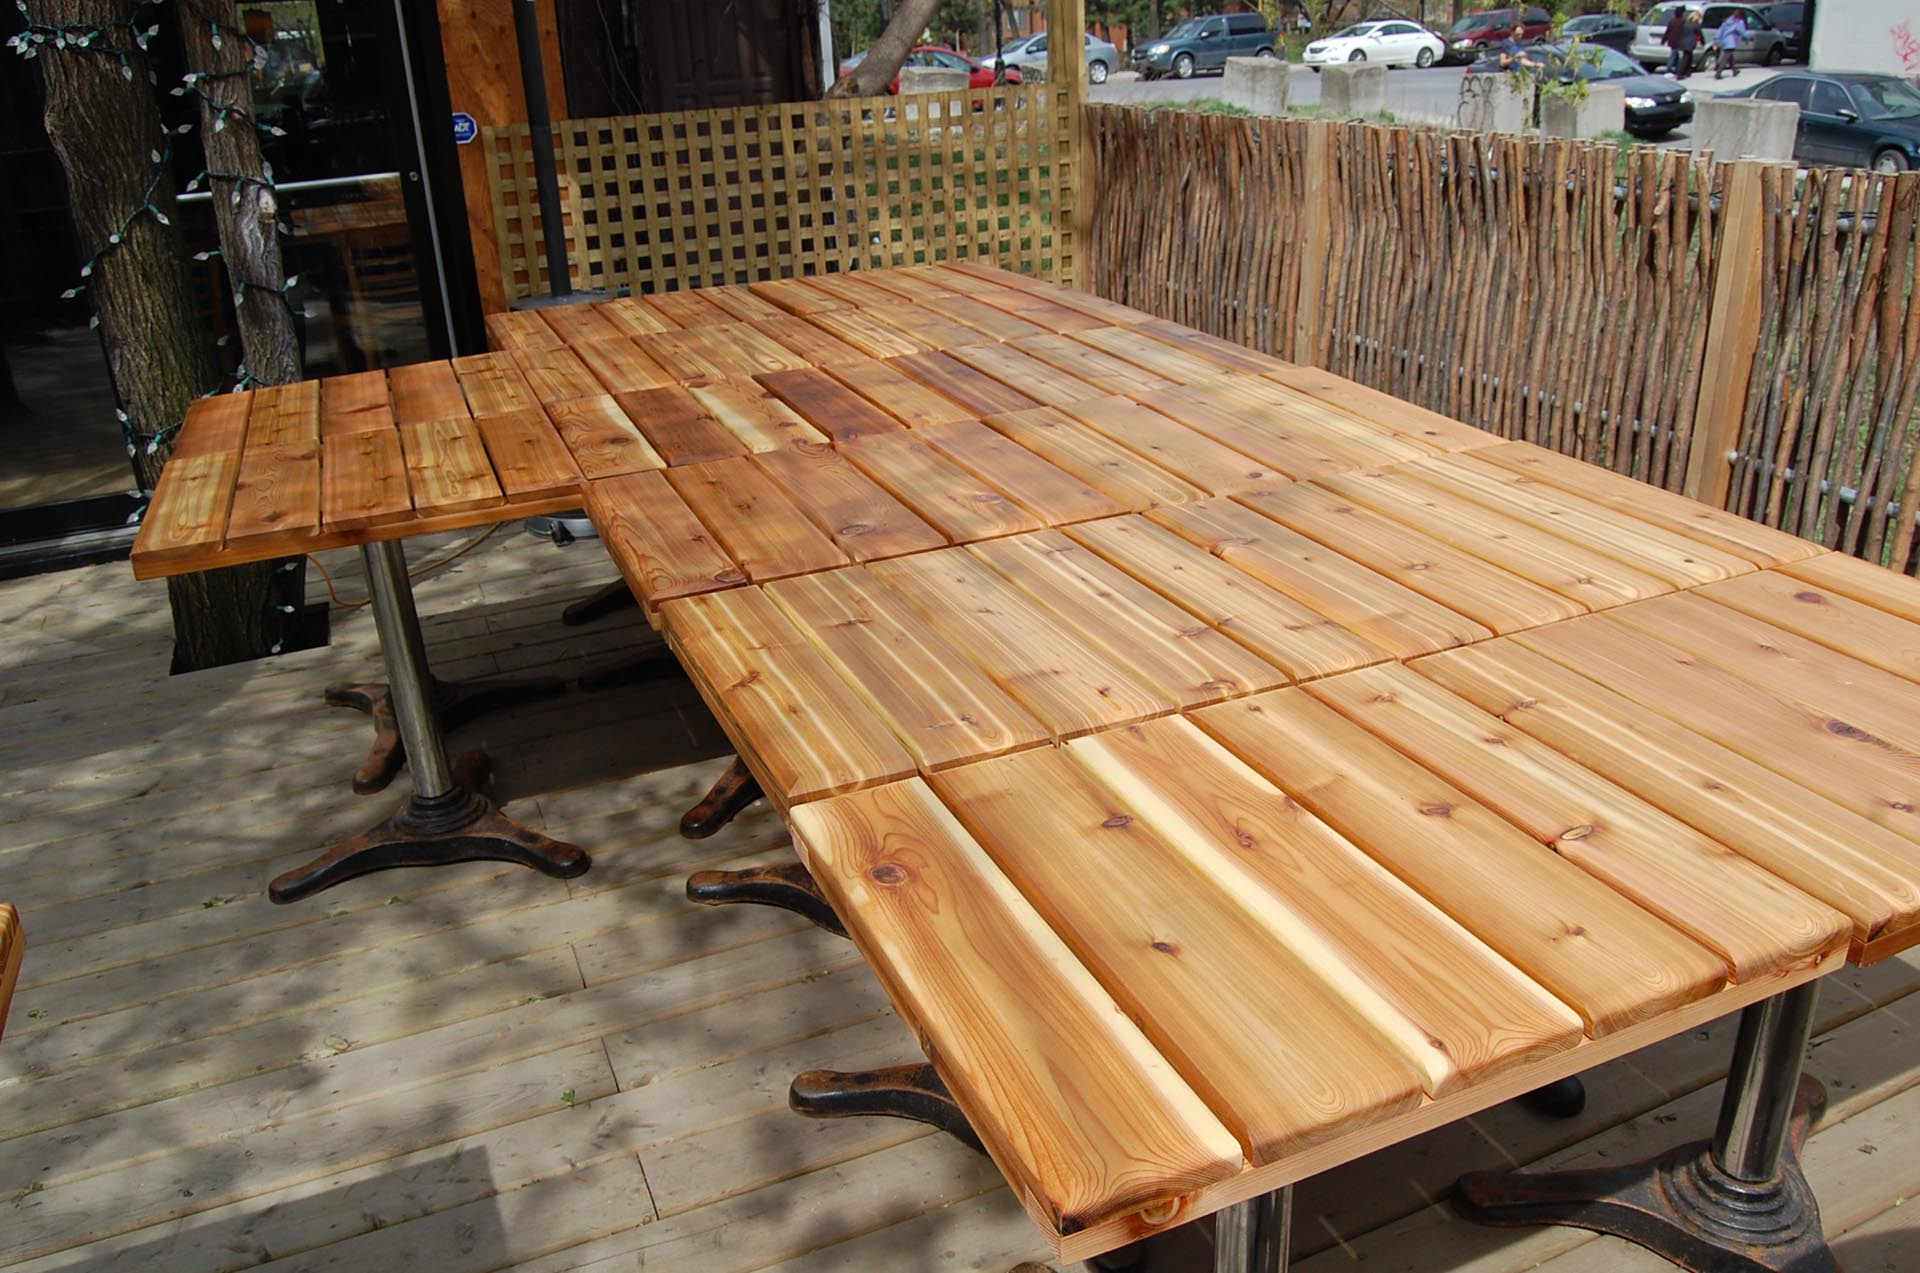 dessus-table-exterieur-mobilier-montreal